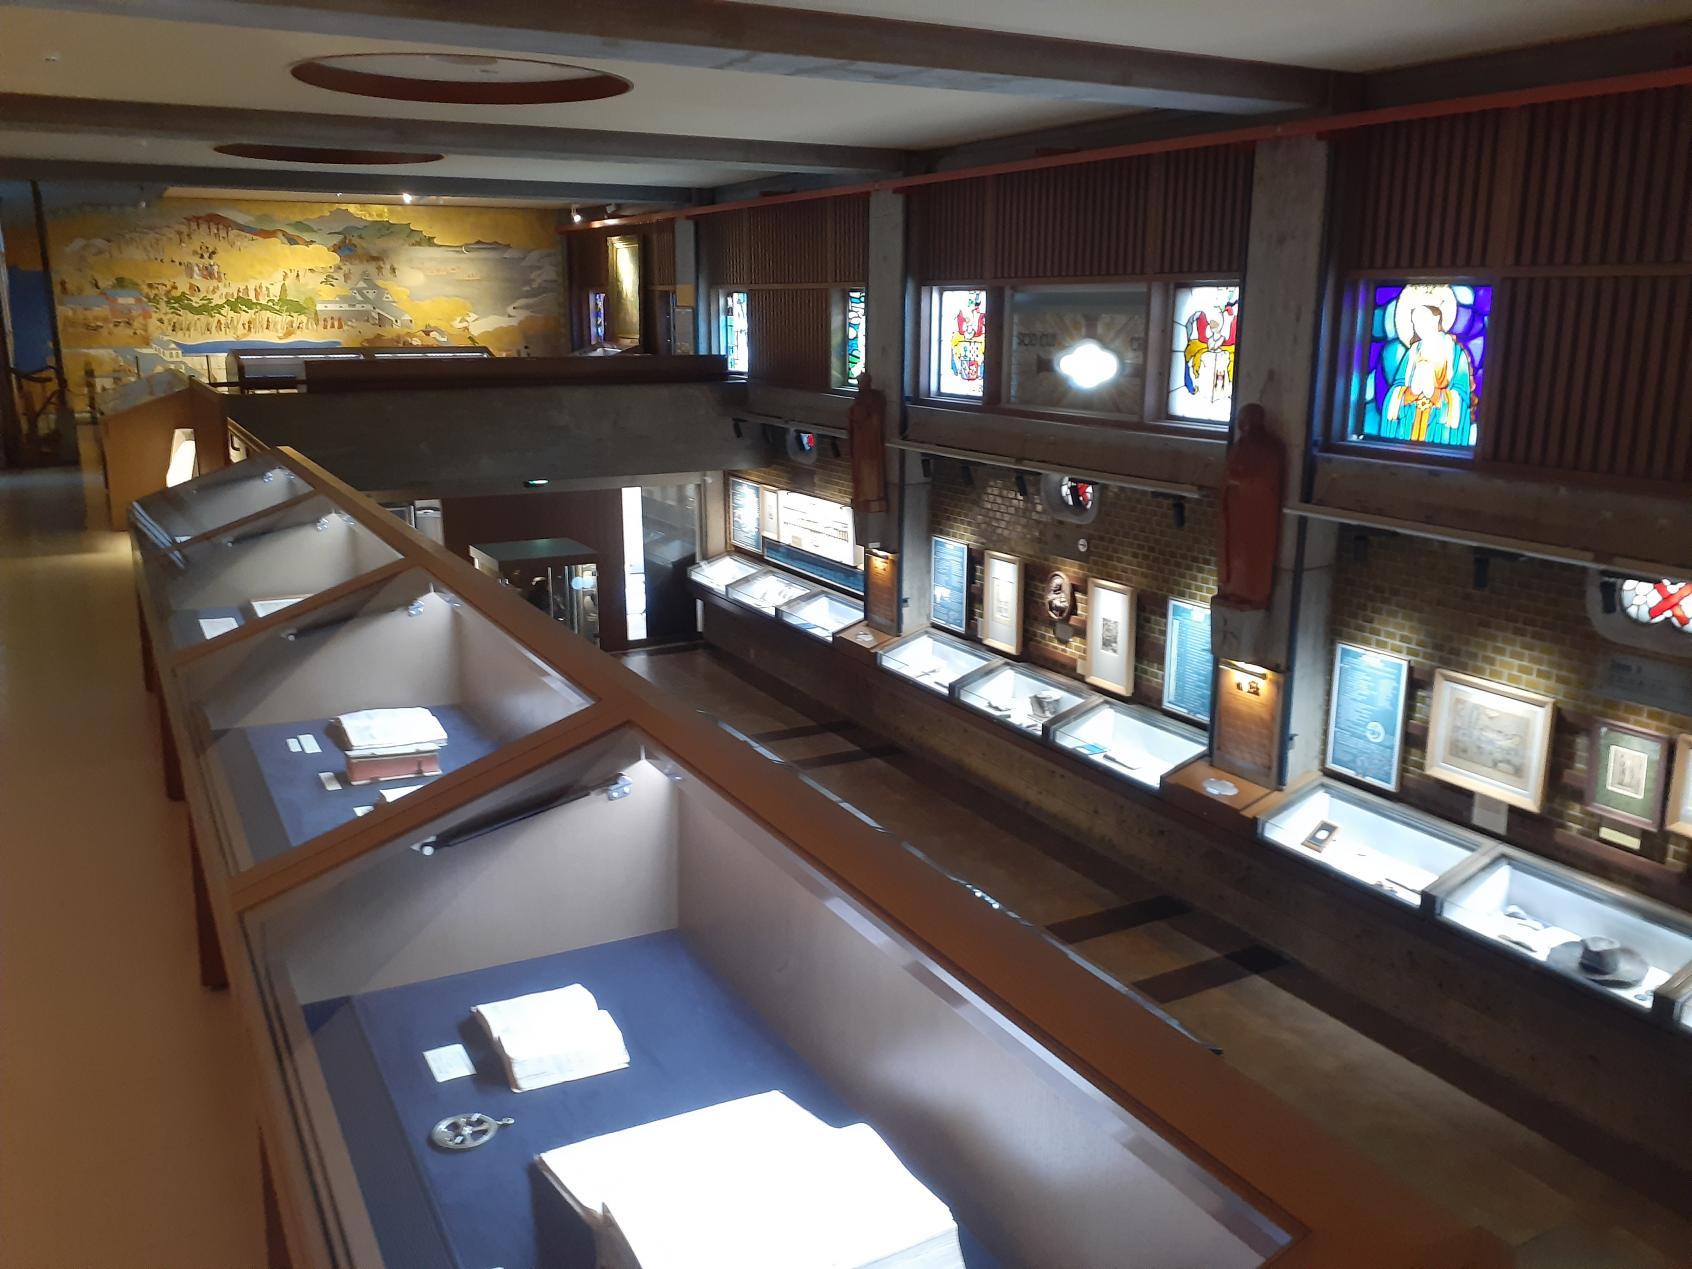 2階から1階展示エリアを見下ろす!-2